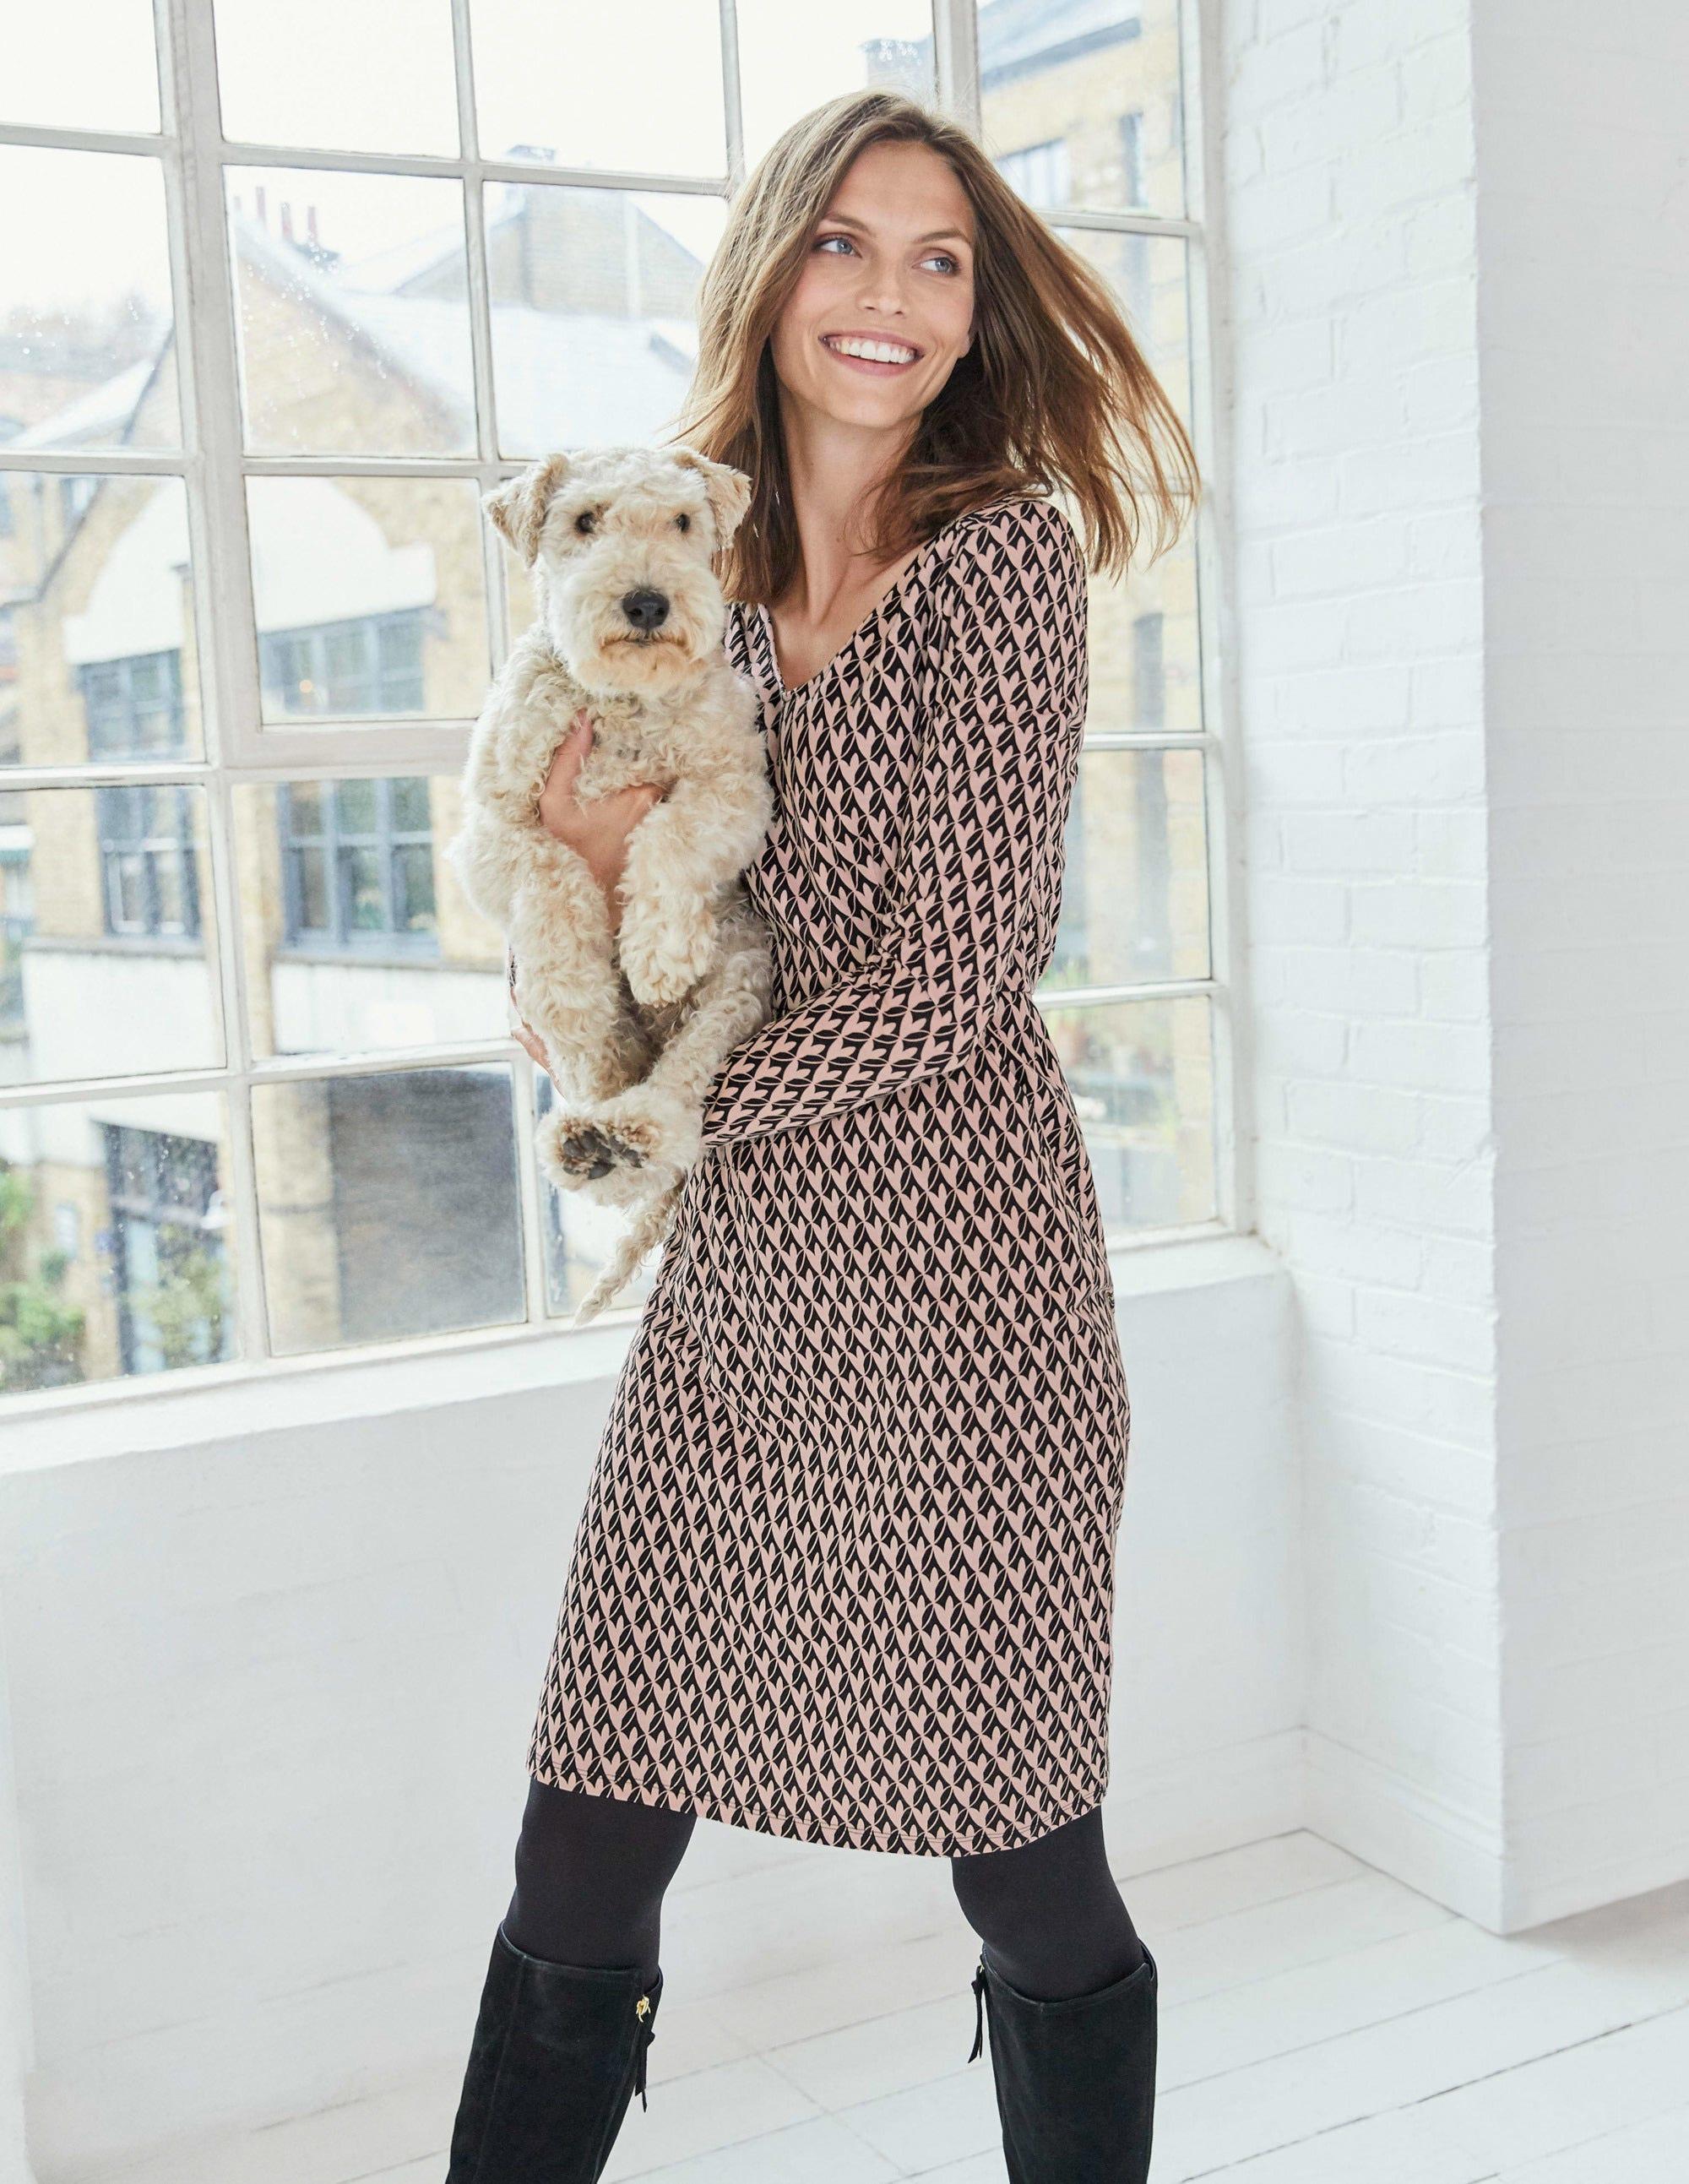 Boden Romilly Jersey Dress - Milkshake, Leafy Geo